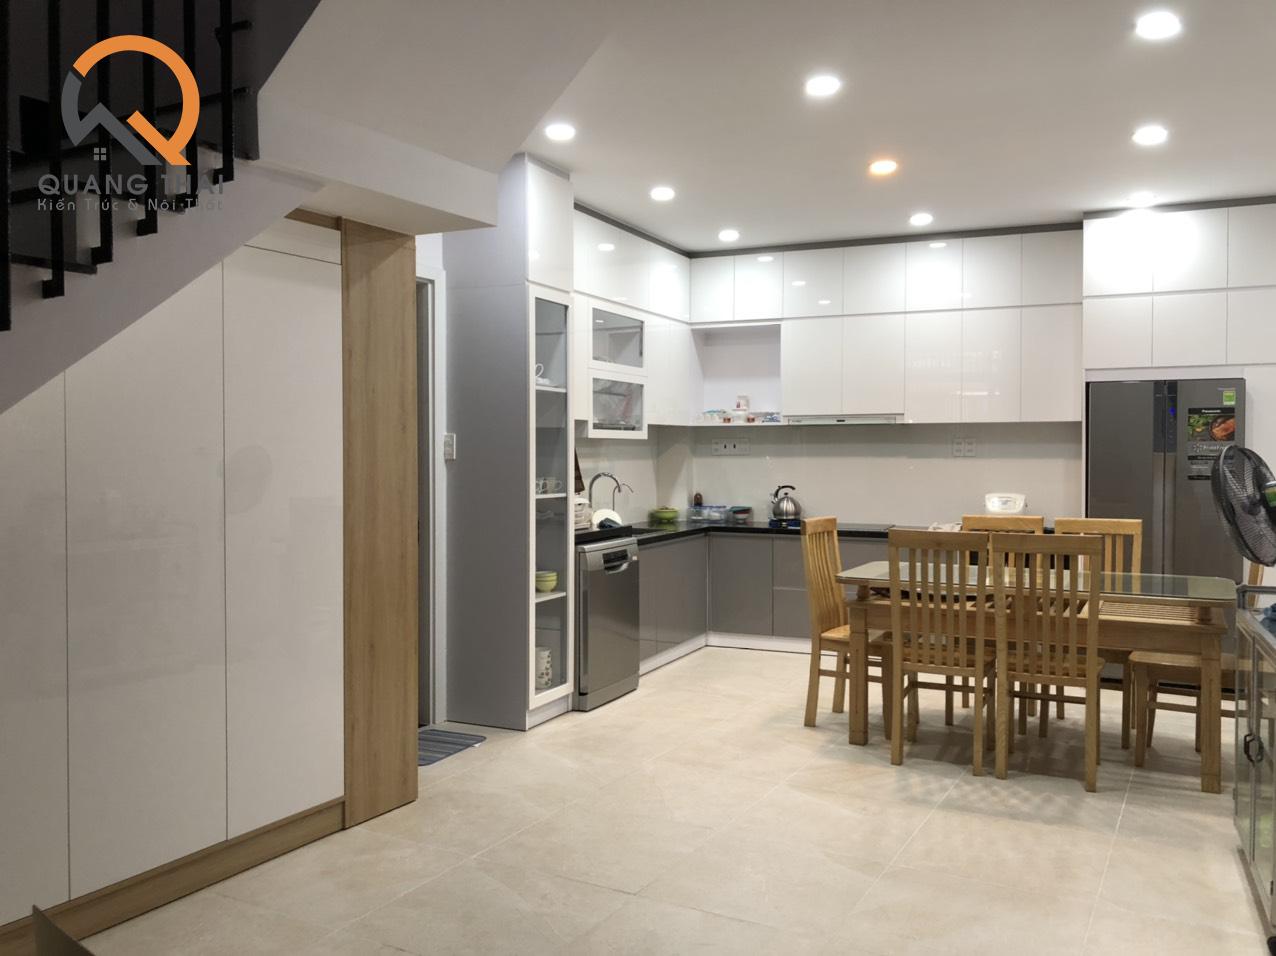 Thi công hoàn thiện nội thất nhà phố Tân Bình